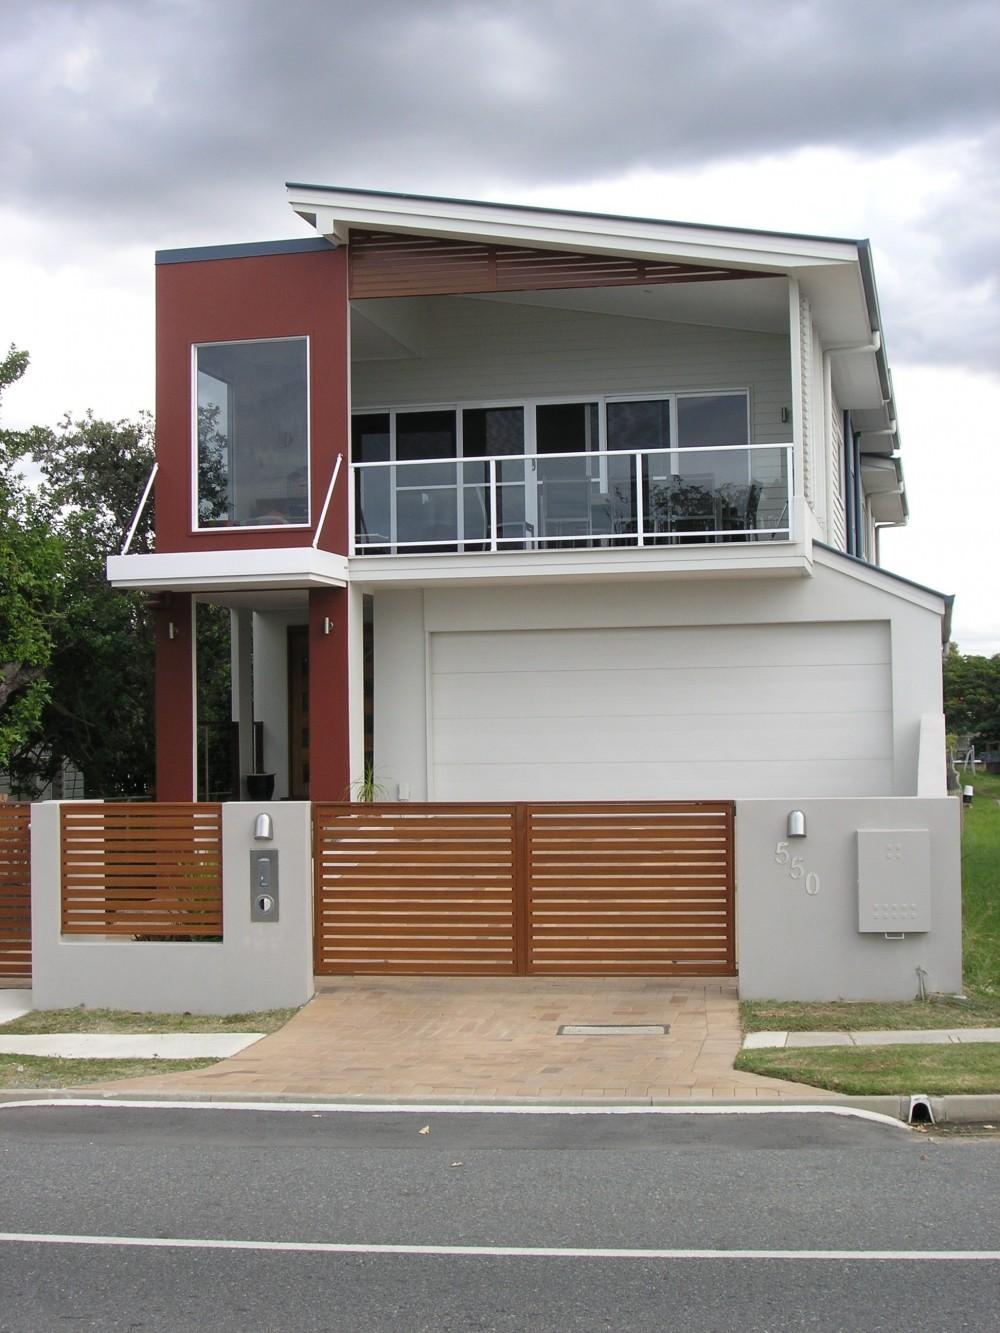 Flinders 550 east coast building design for Coastal building design